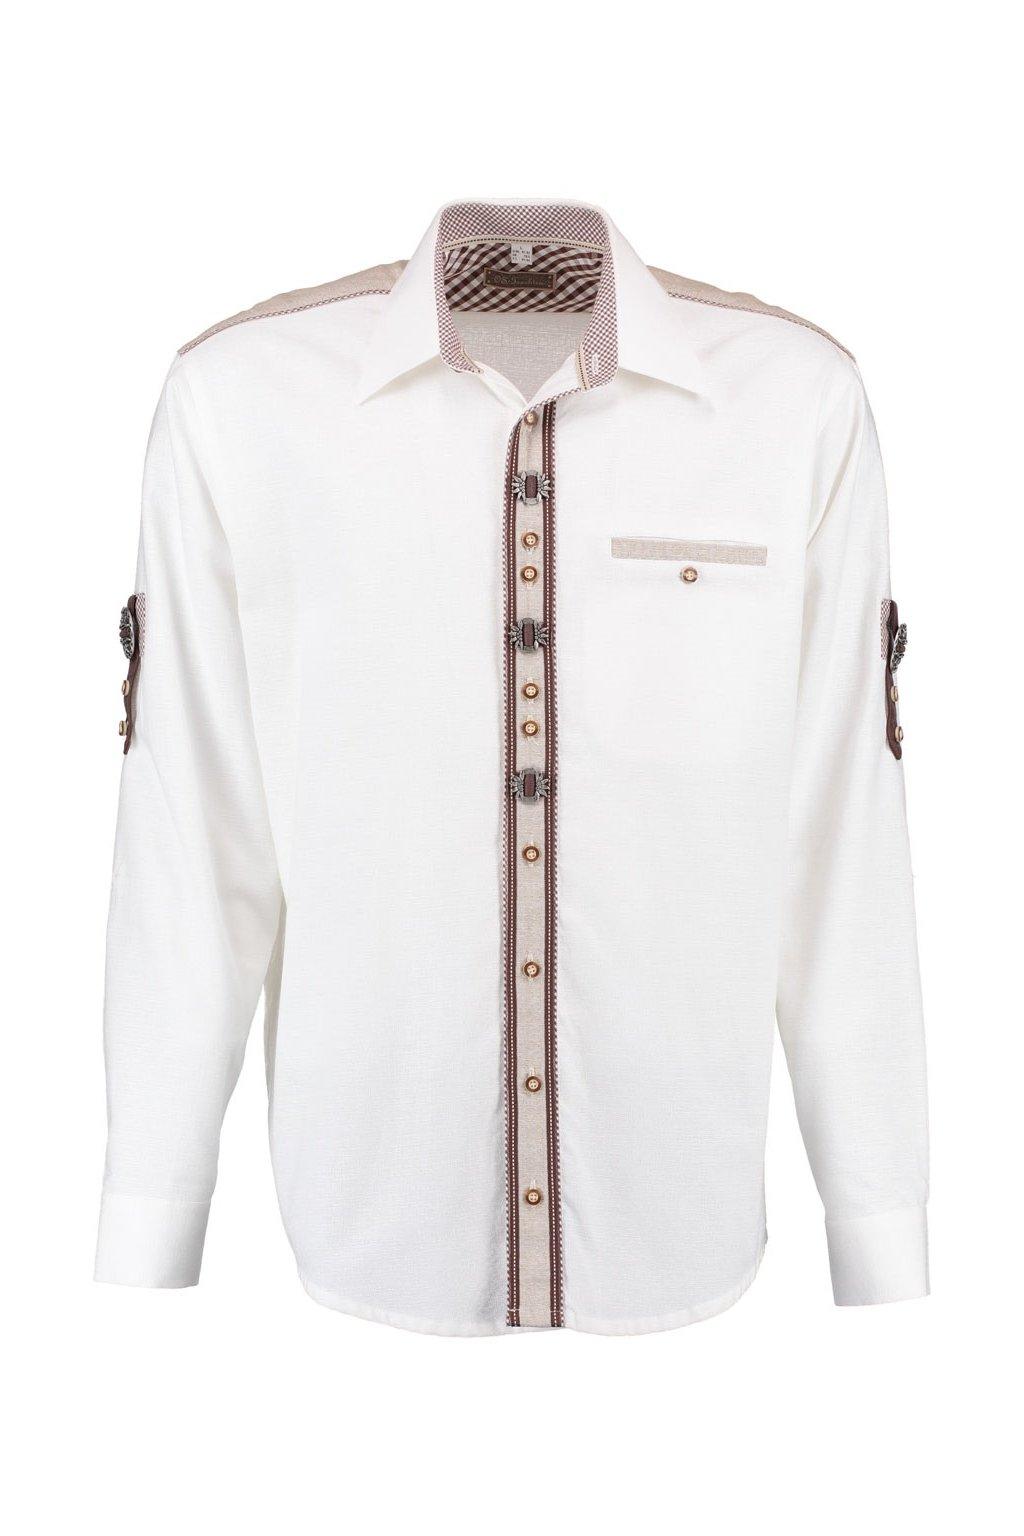 ORBIS - bílá pánská košile Reg.Fit, zkr. rukáv 1011